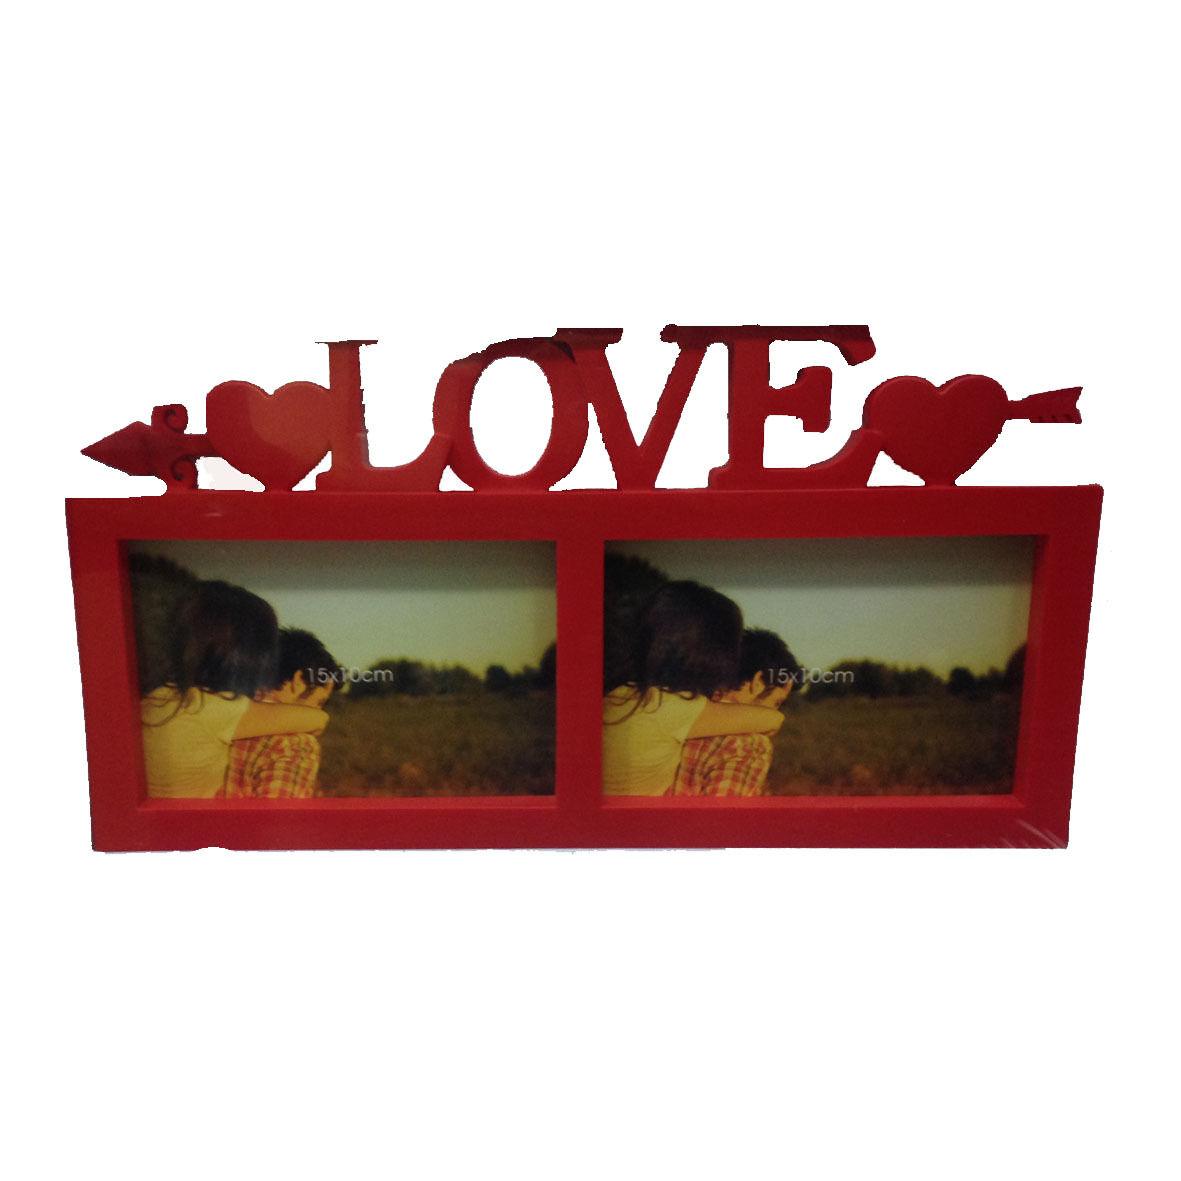 AMORE cornice rossa in plastica scritta LOVE d'appoggio 2 foto 32,5x17 cm